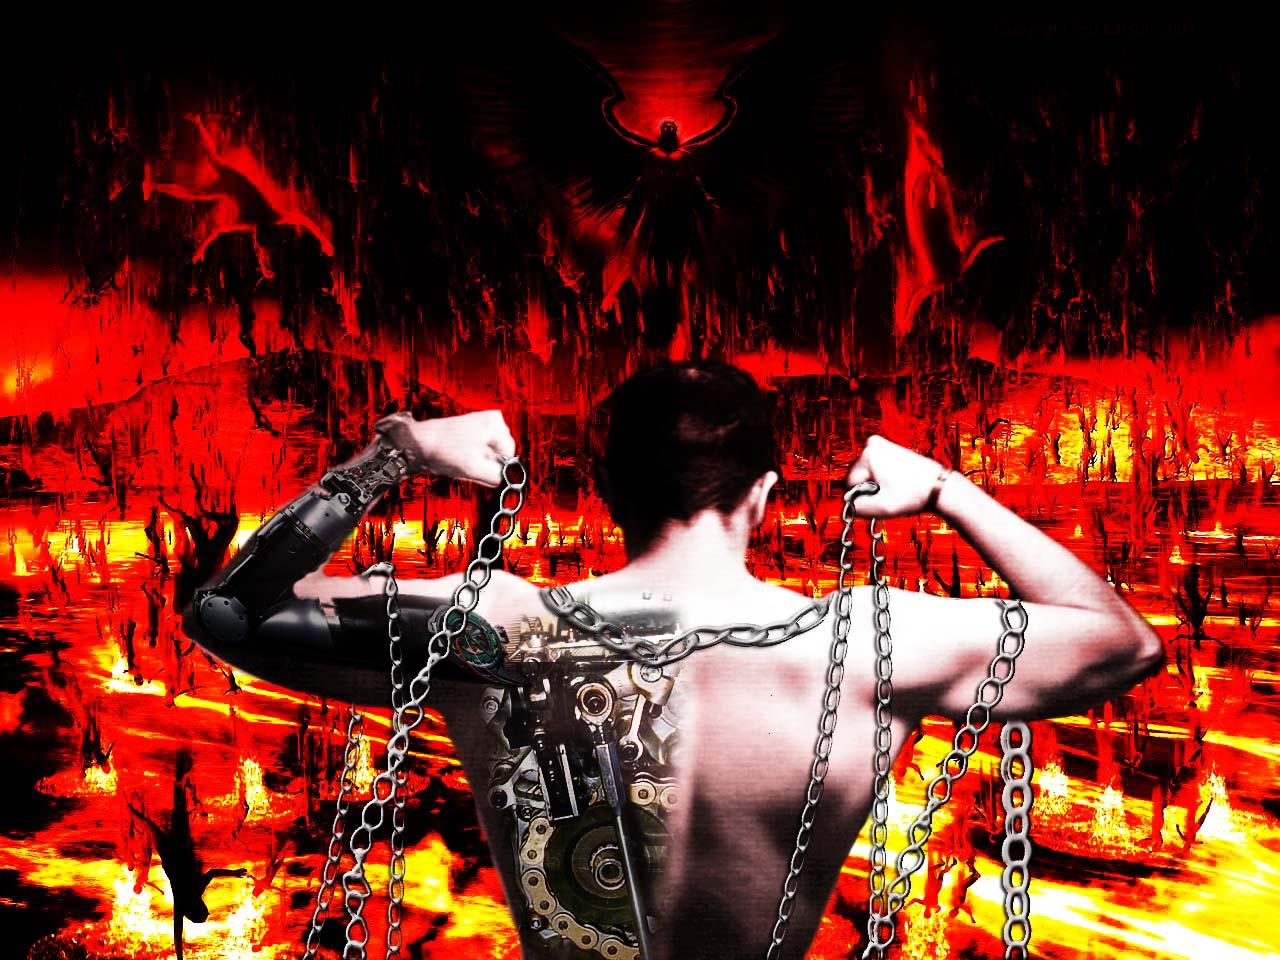 saliendo Del infierno